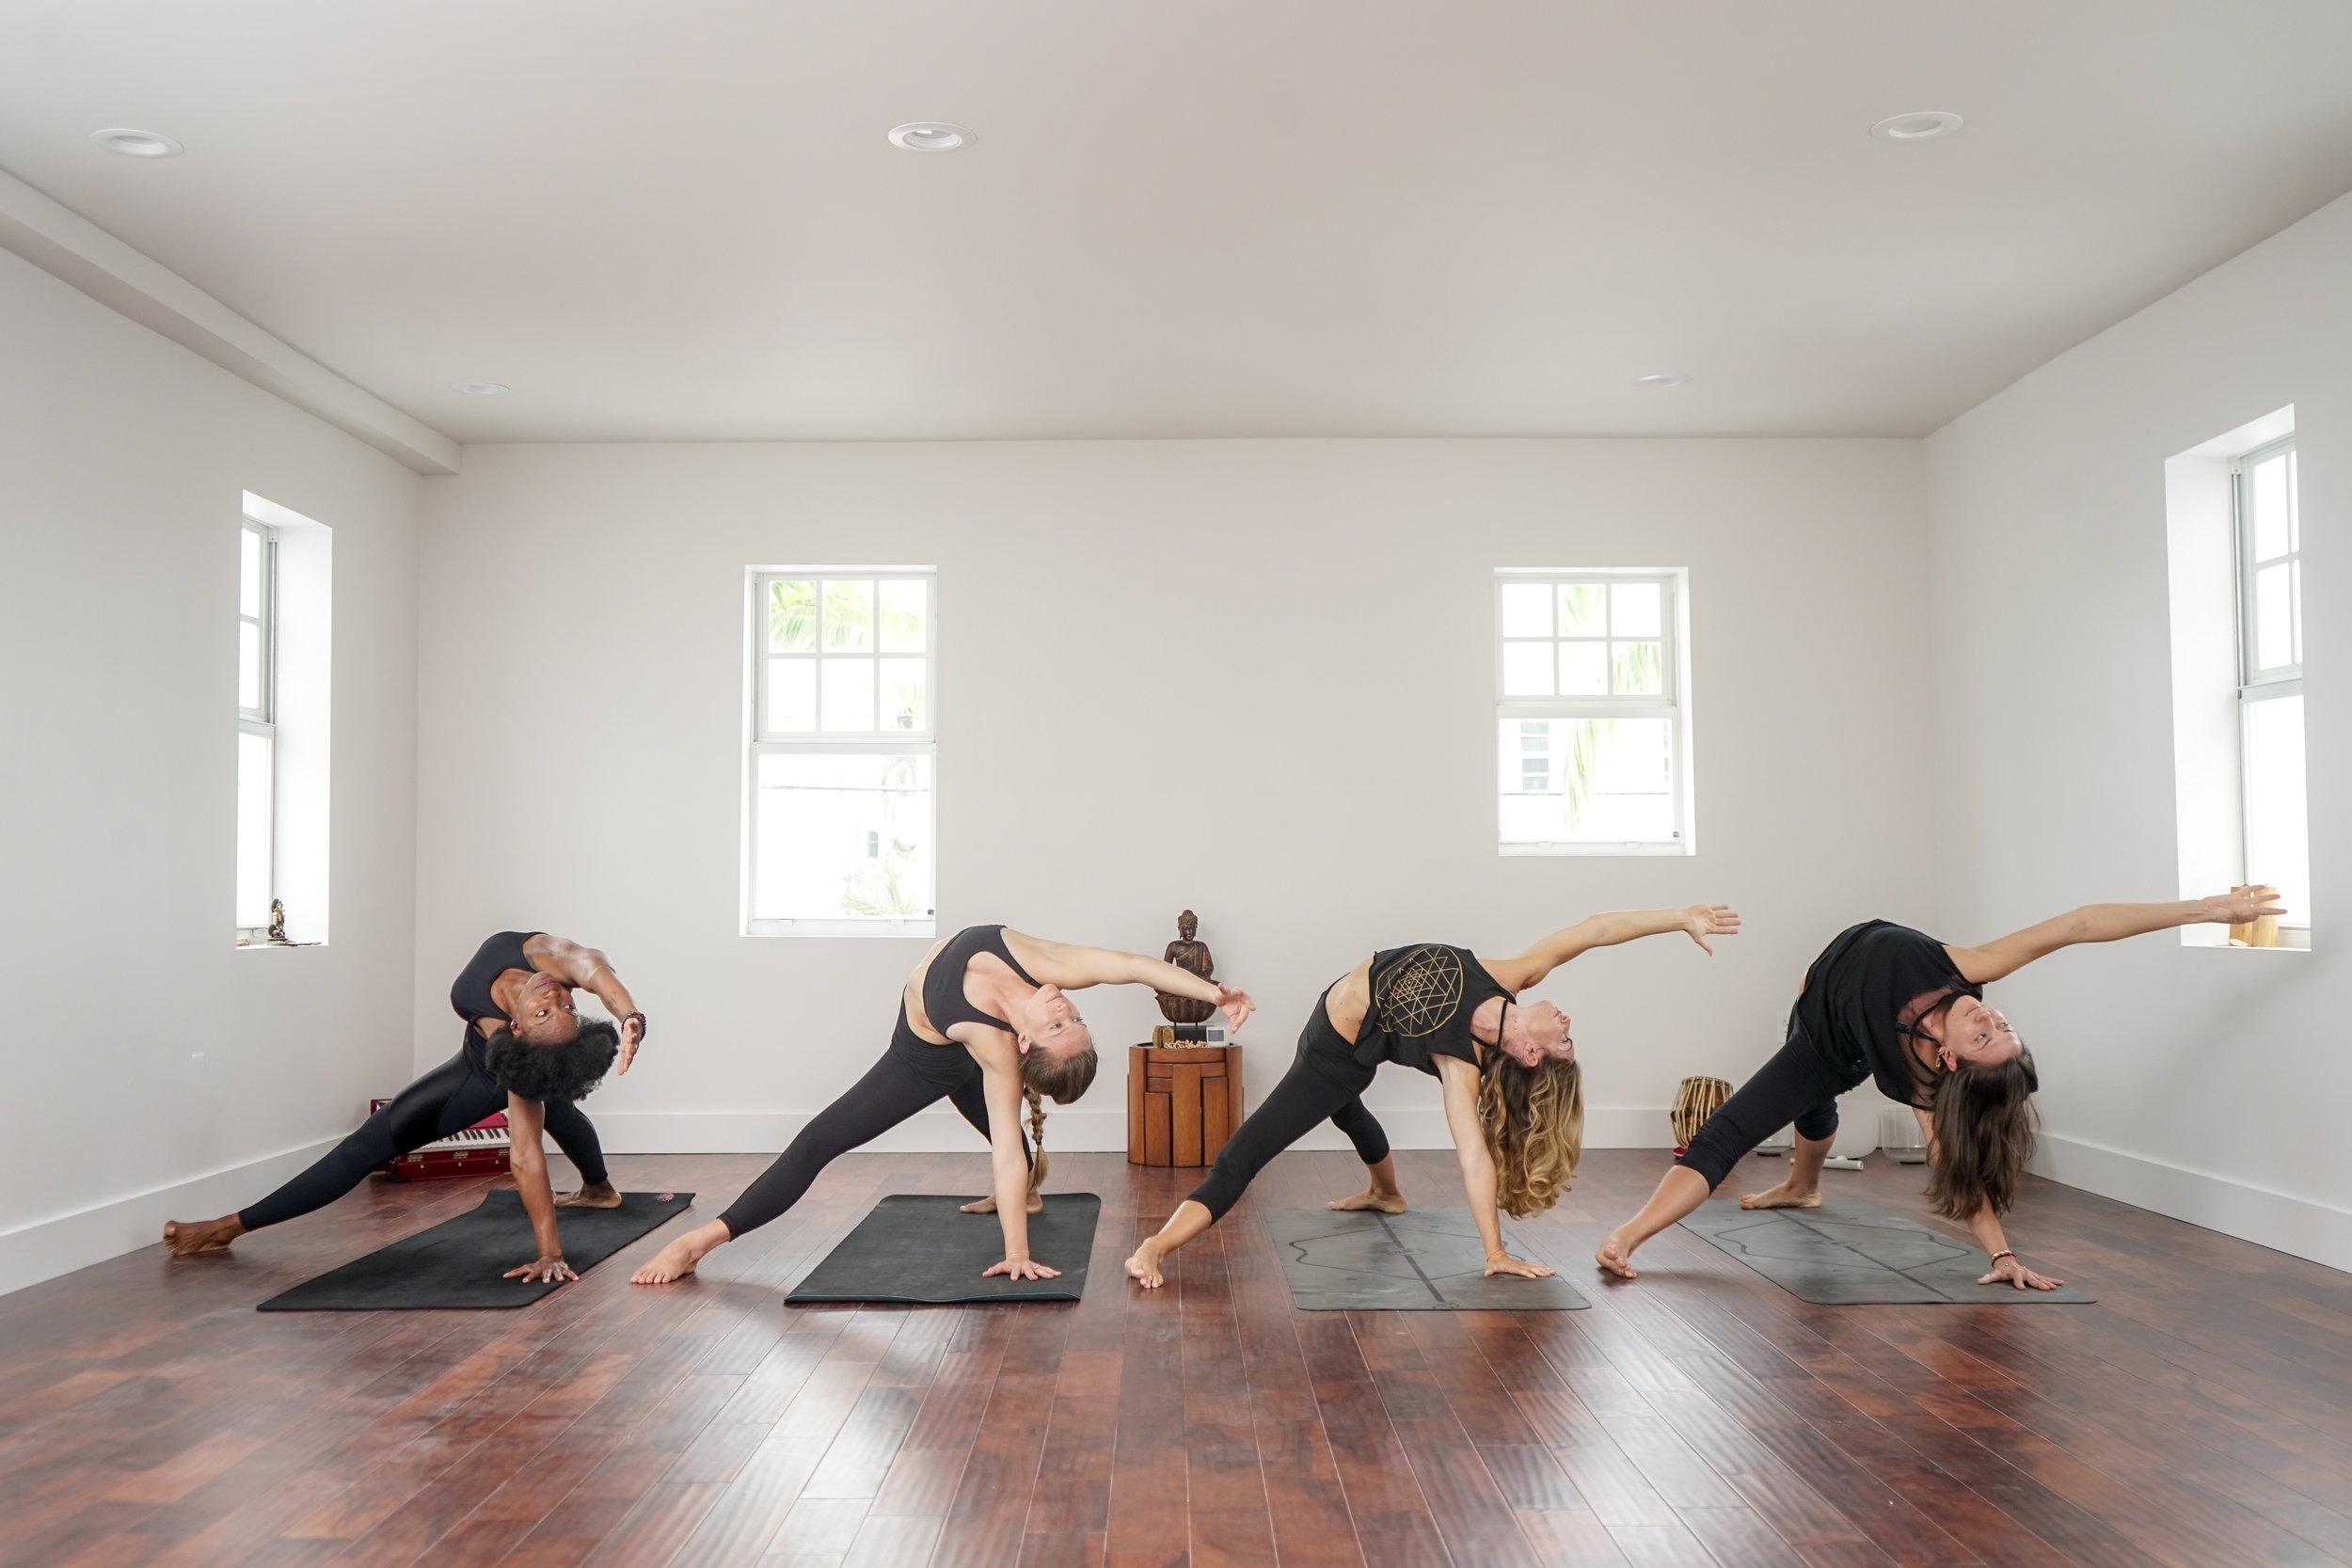 Description State Of Yoga